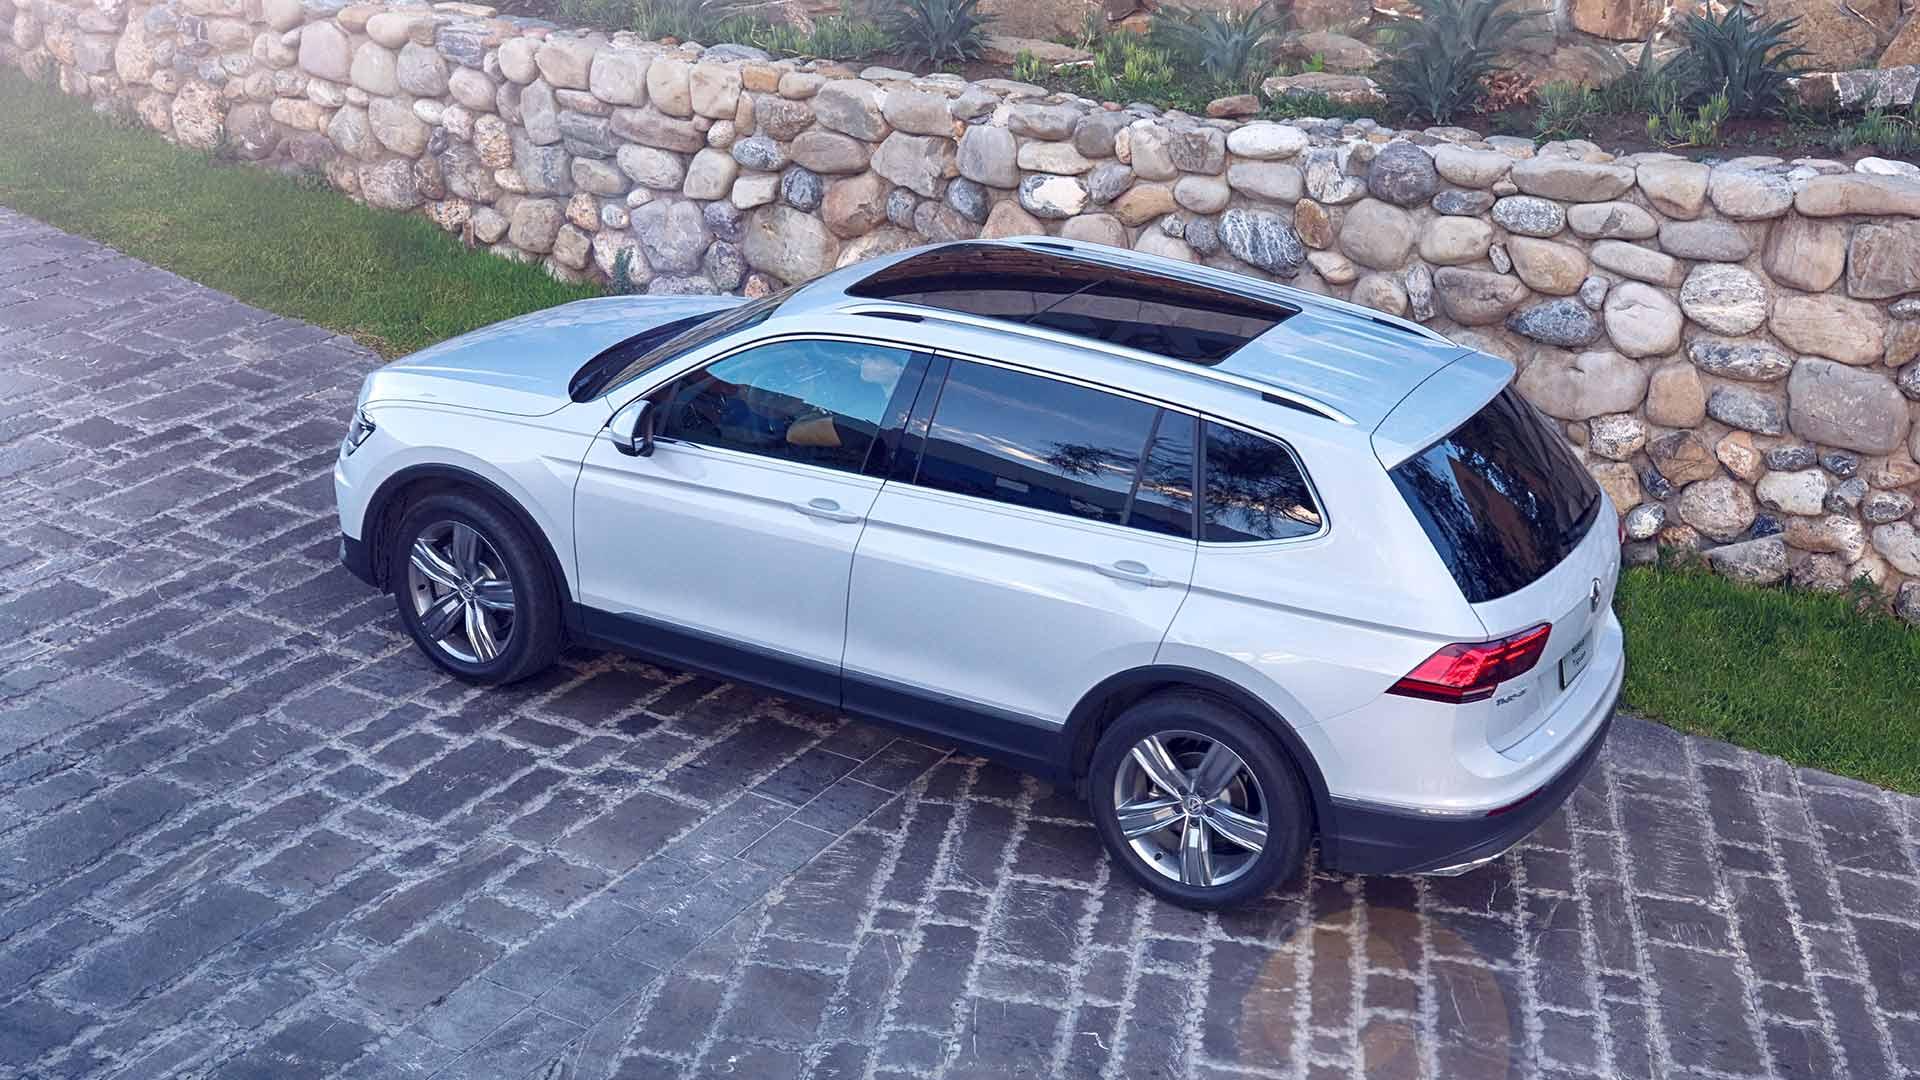 VW Tiguan seminuevo certificado por Das WeltAuto